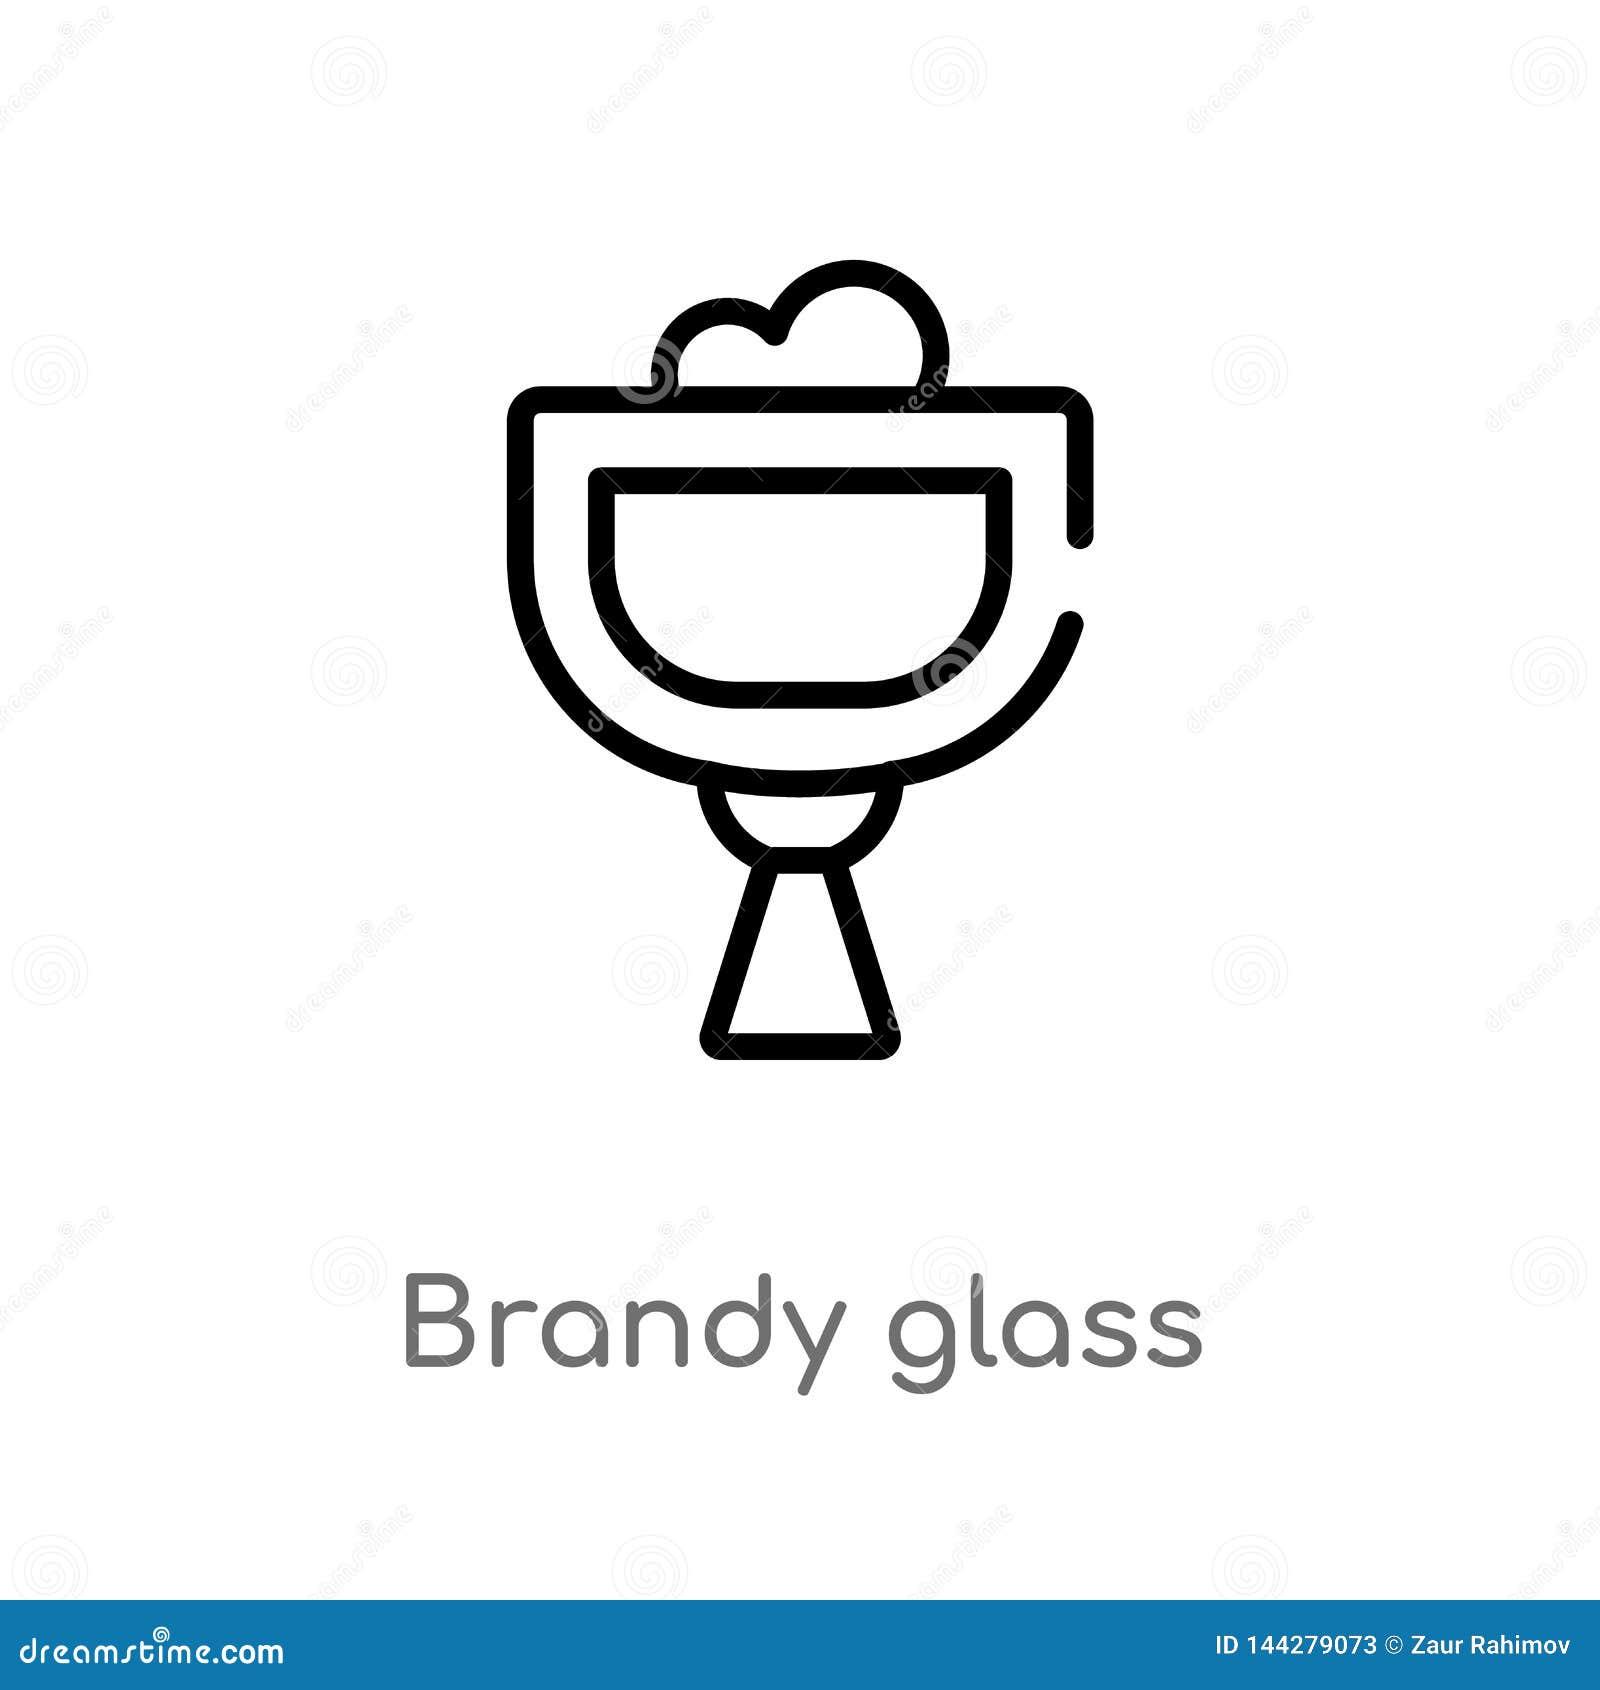 Konturu brandy szkła wektoru ikona odosobniona czarna prosta kreskowego elementu ilustracja od napoju pojęcia Editable wektorowy